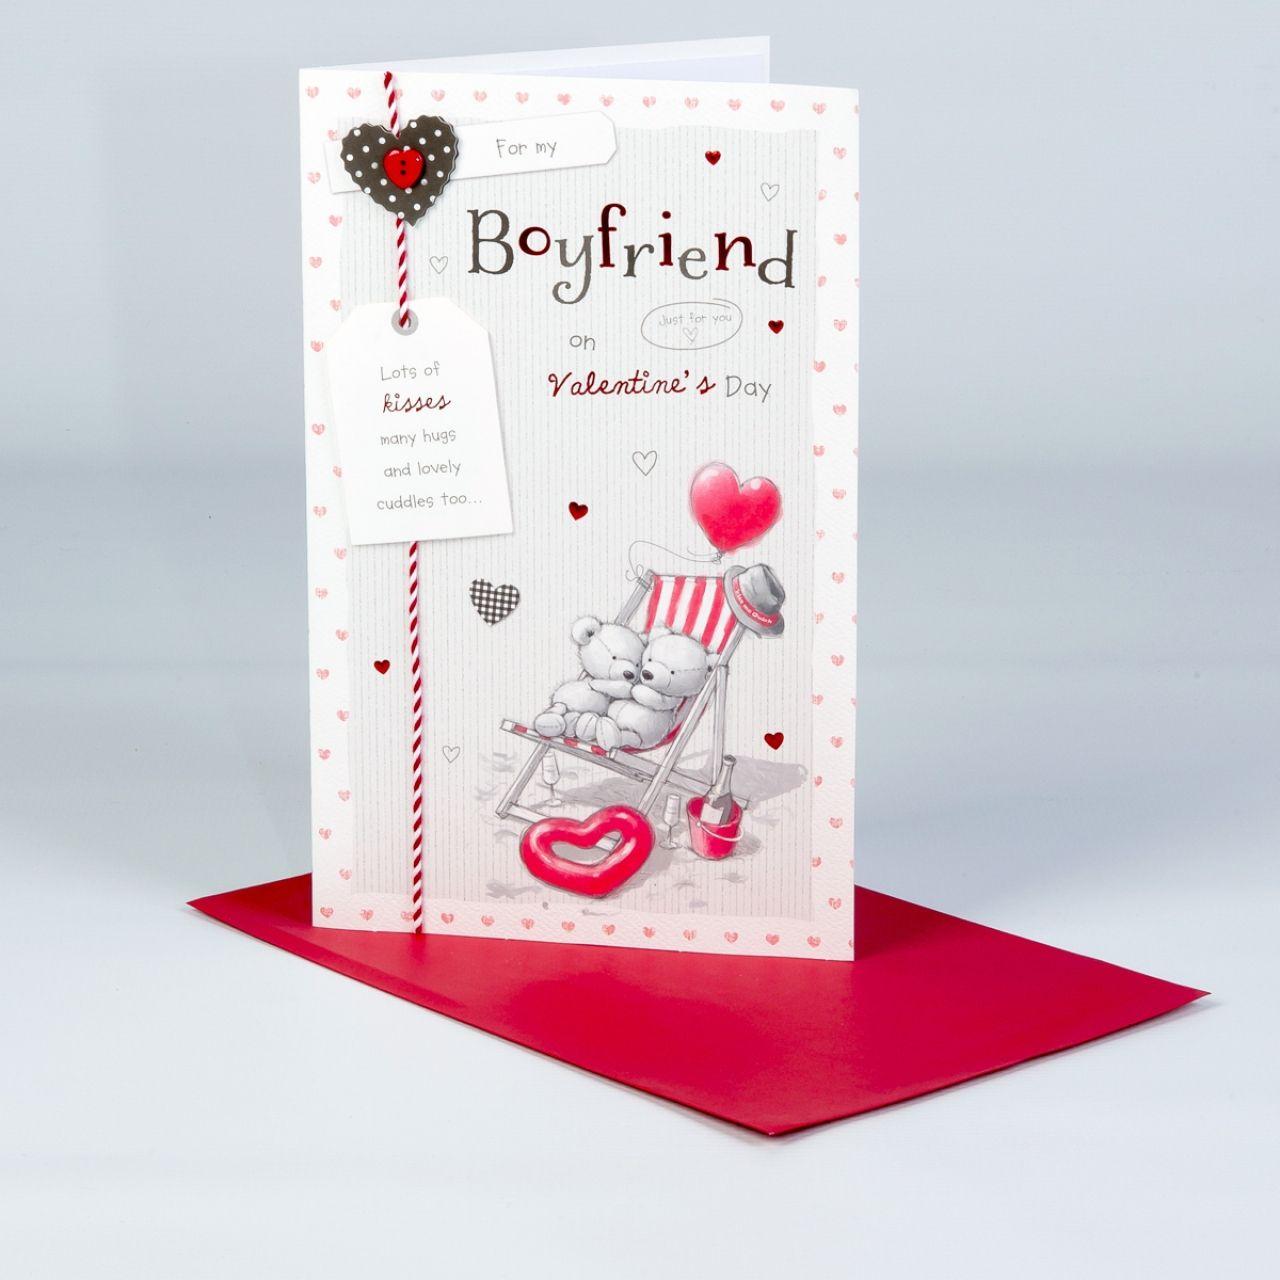 A Valentine Anniversary Gift For My Boyfriend Shop By Product A – Valentines Card for My Boyfriend